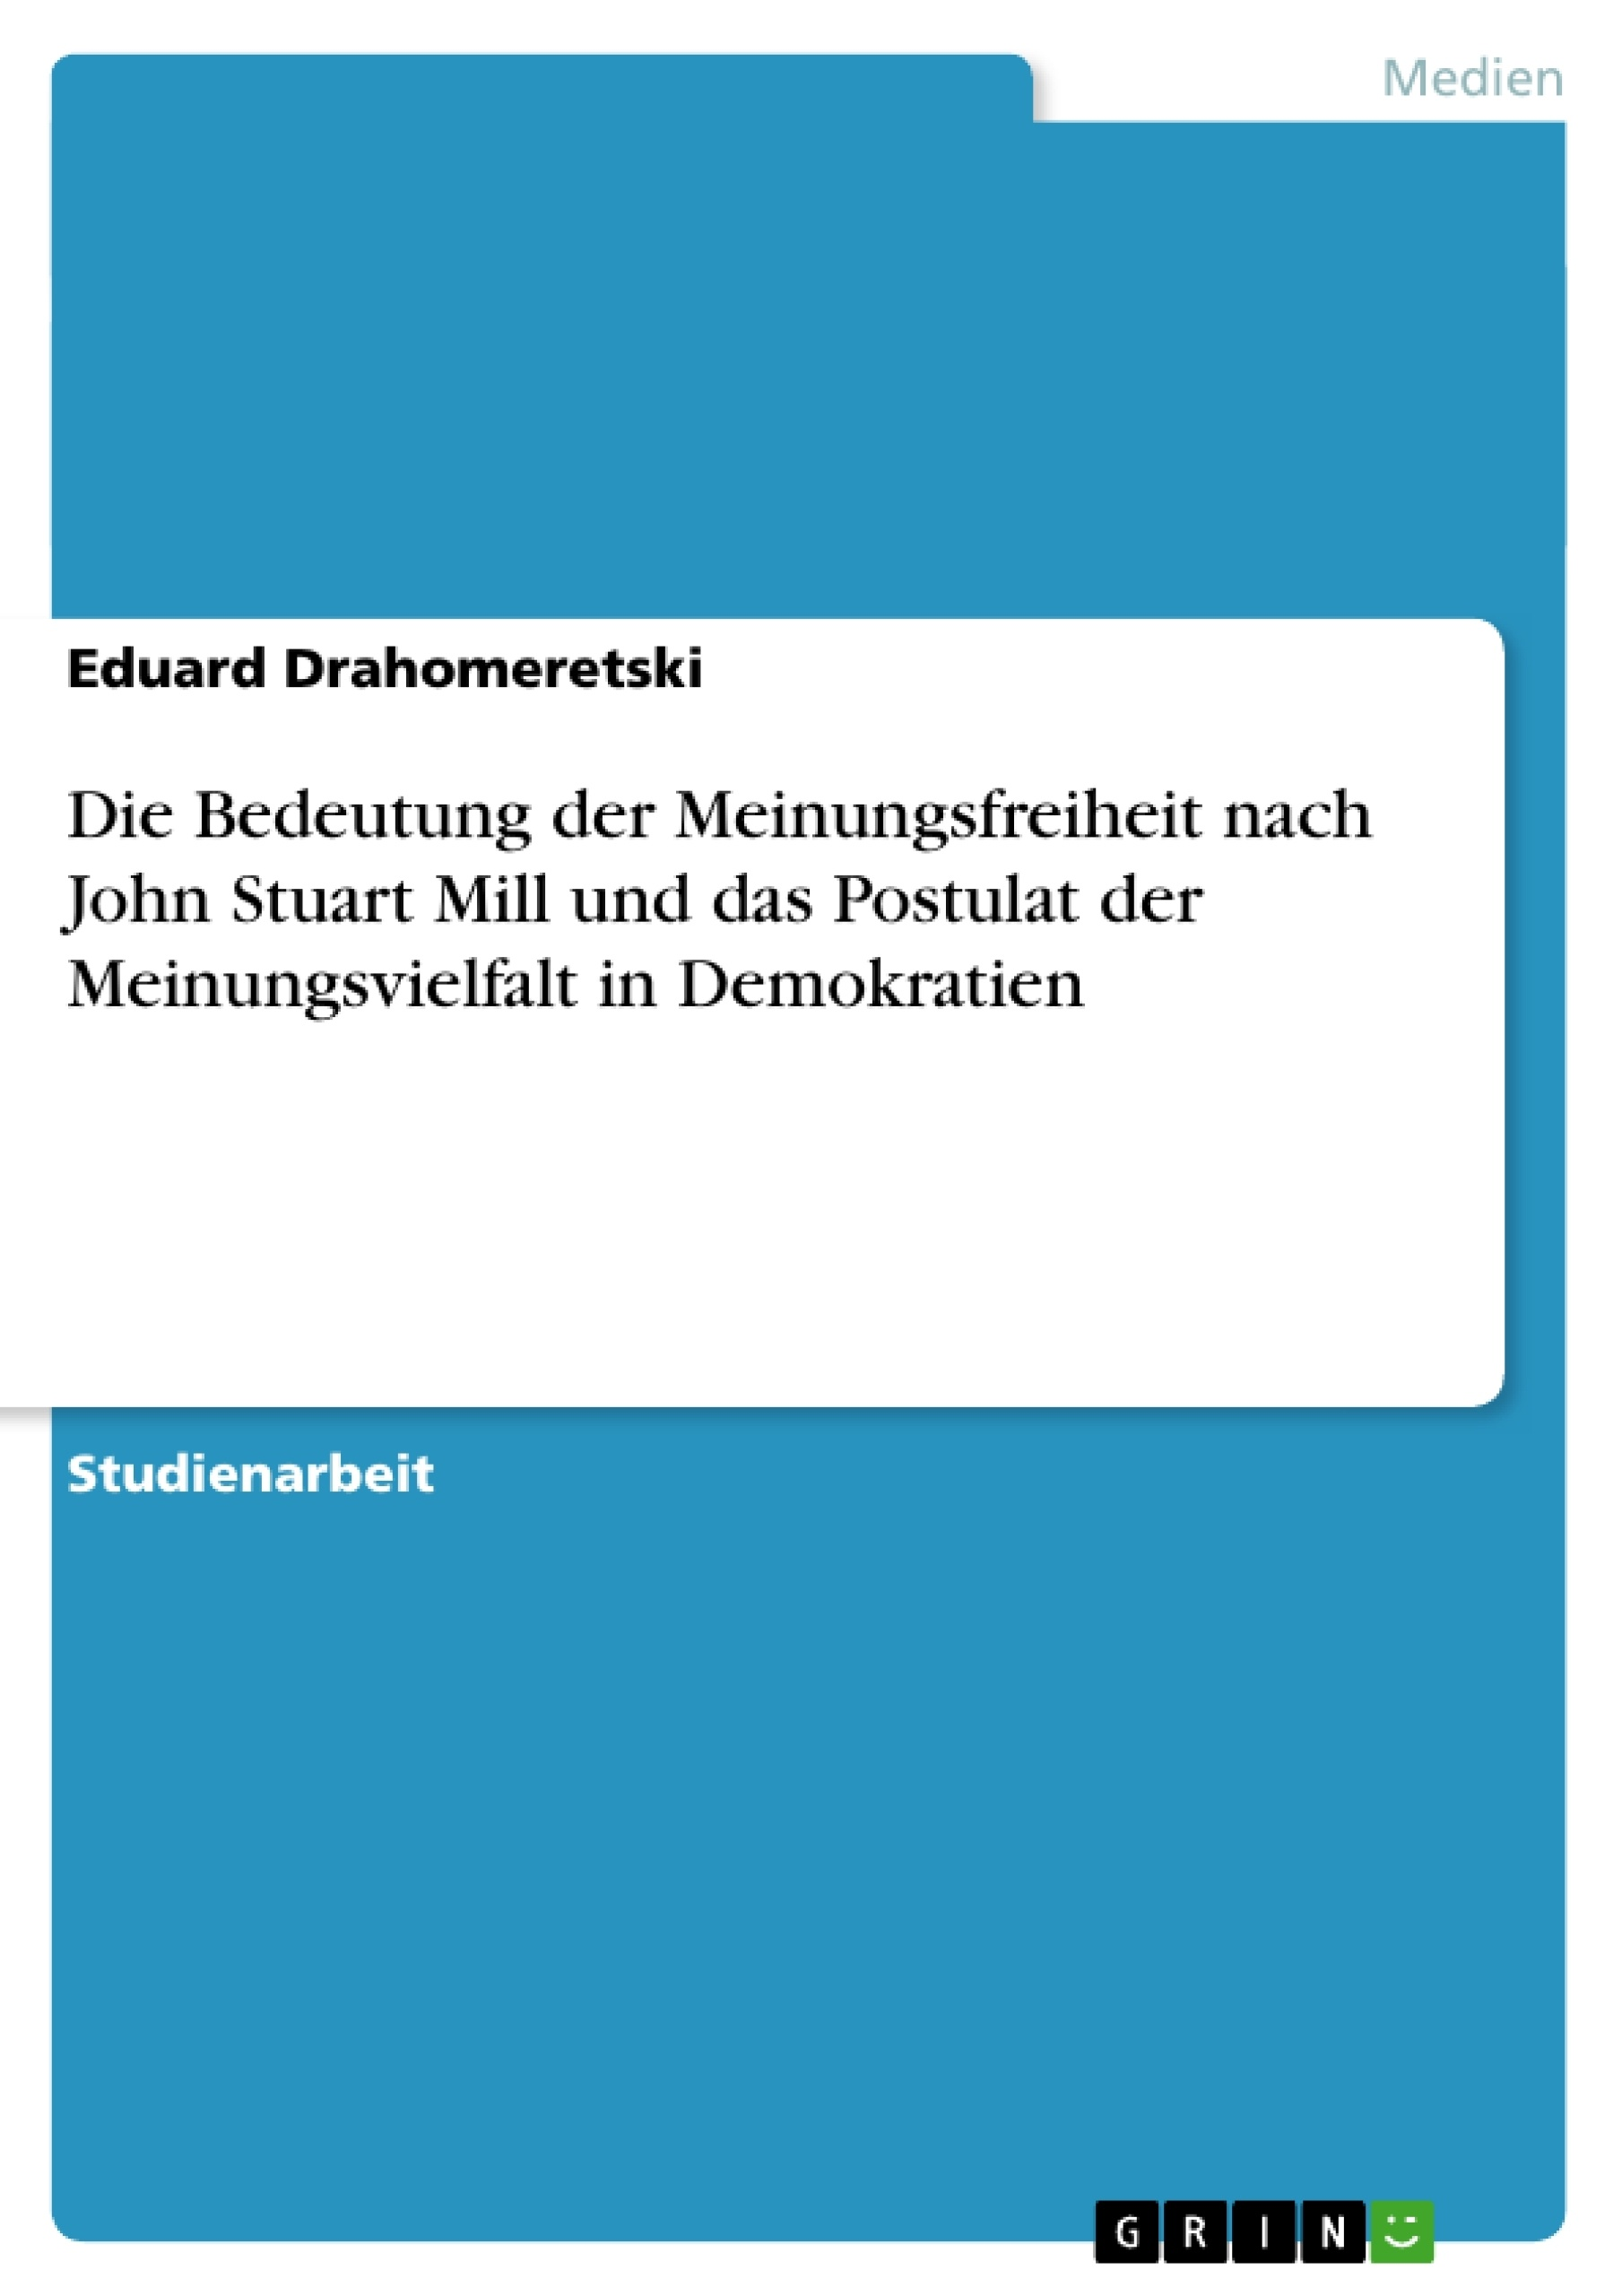 Titel: Die Bedeutung der Meinungsfreiheit nach John Stuart Mill und das Postulat der Meinungsvielfalt in Demokratien